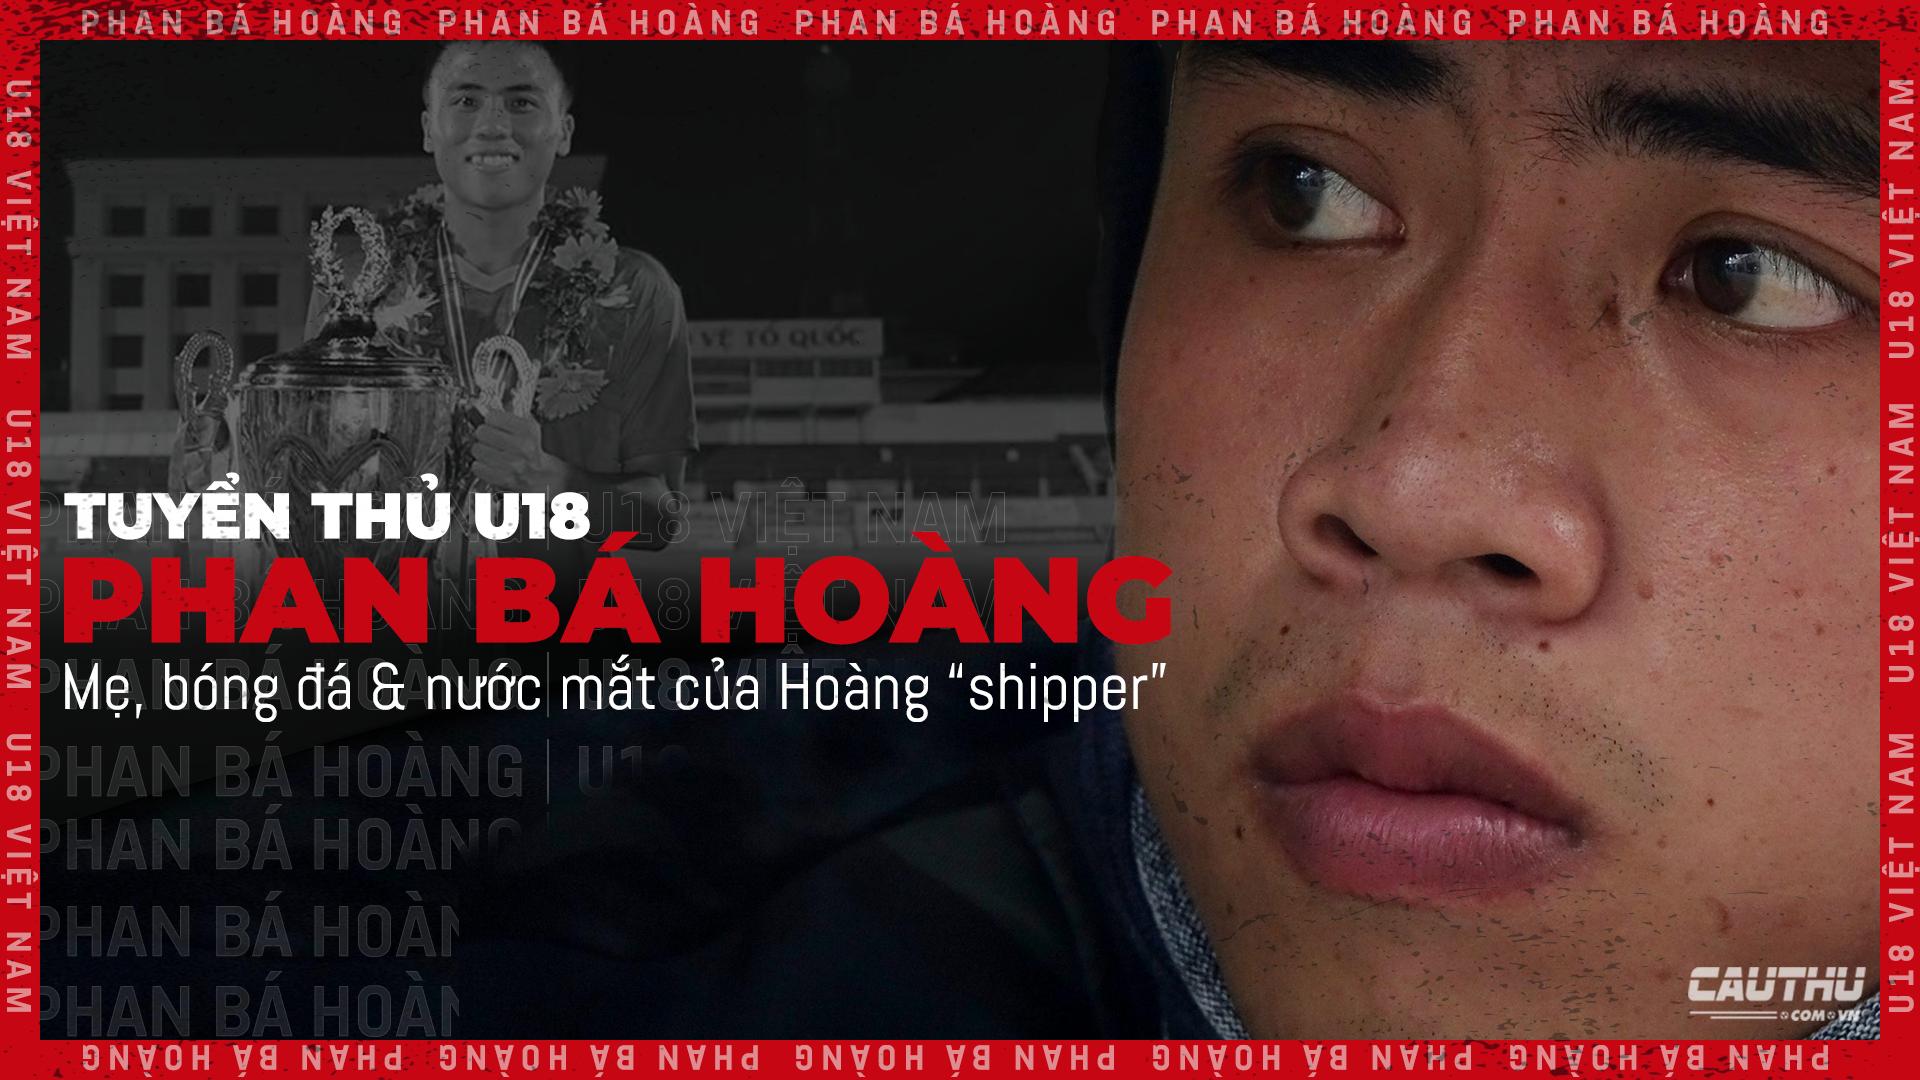 """Tuyển thủ U18 Việt Nam Phan Bá Hoàng: Mẹ, bóng đá & nước mắt của Hoàng """"shipper"""" - Ảnh 1."""